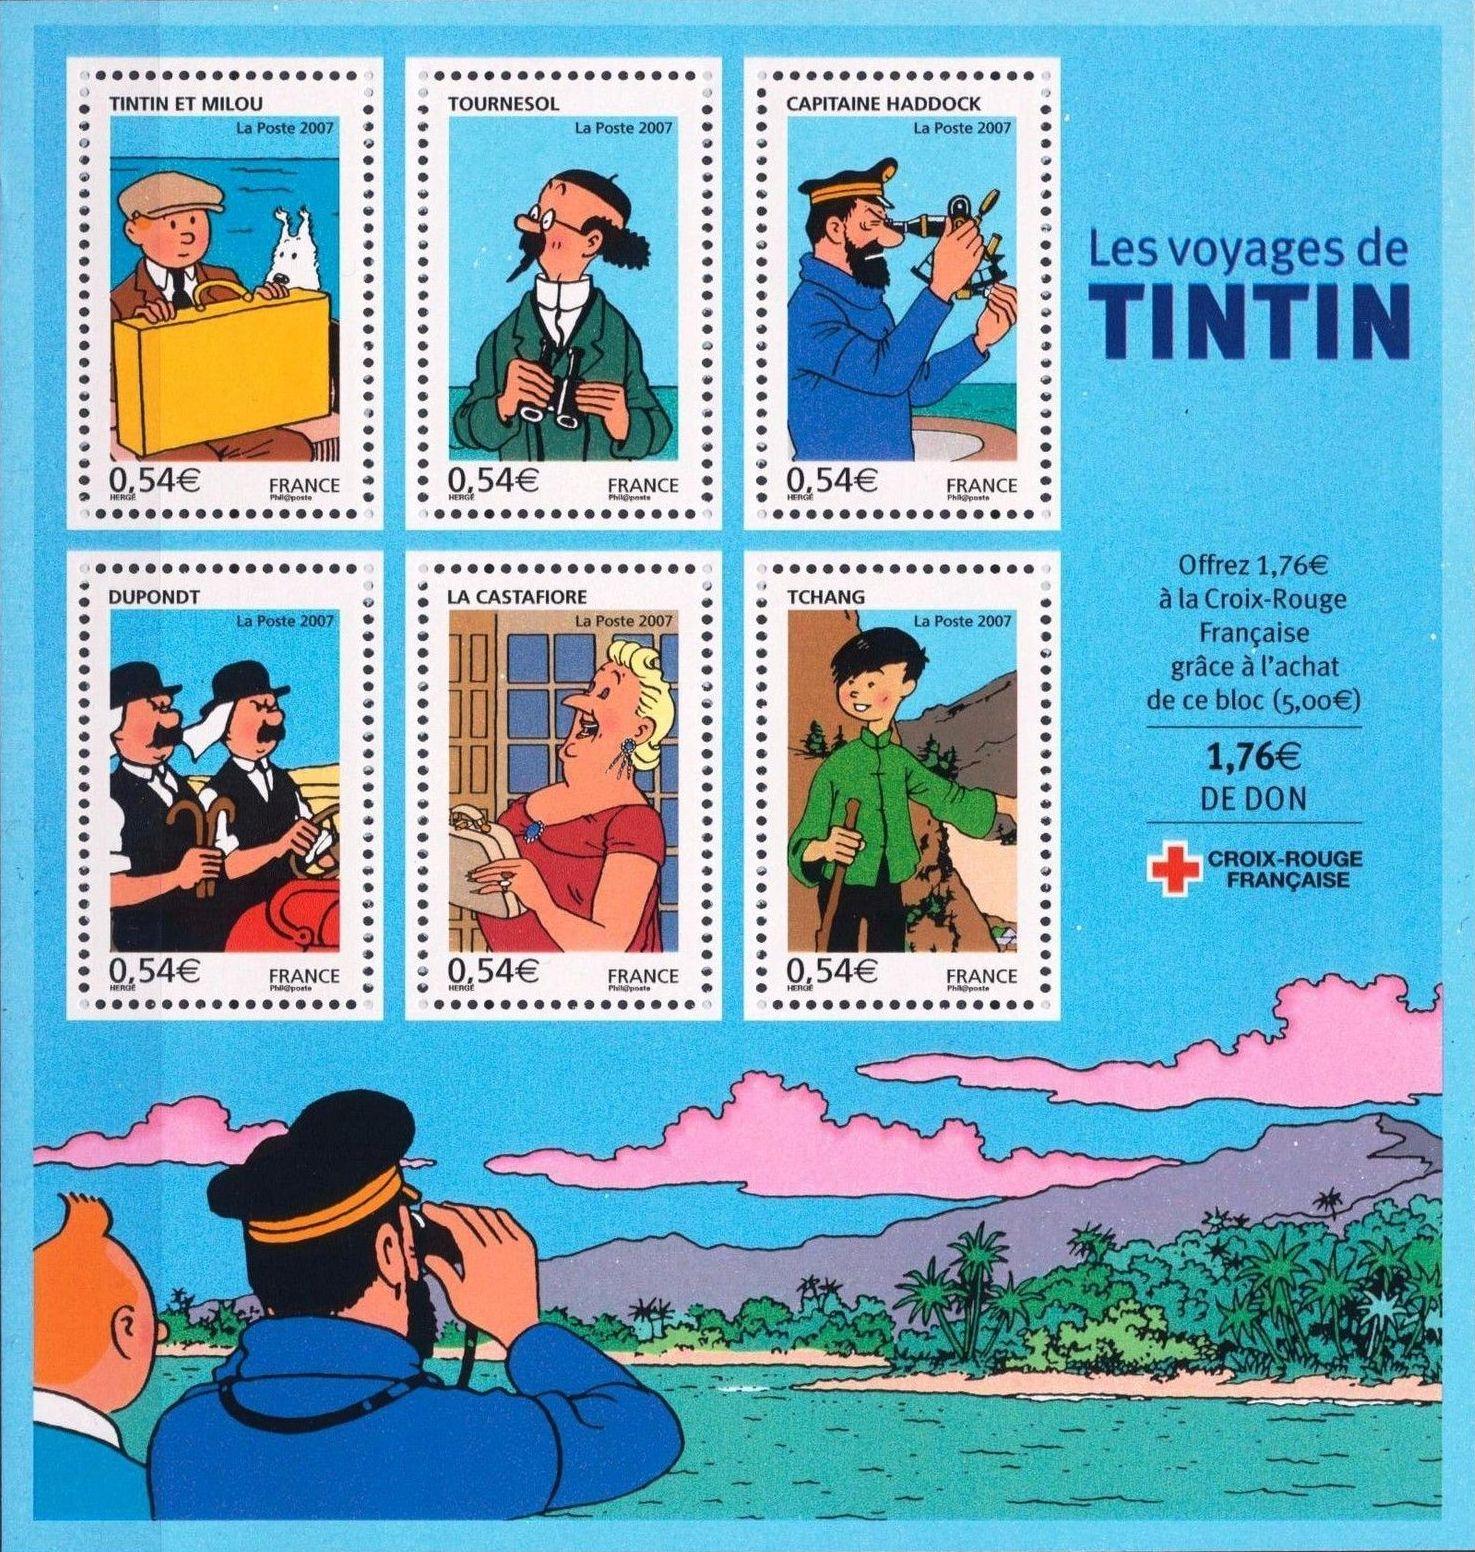 France 2007 Comics - Tintin